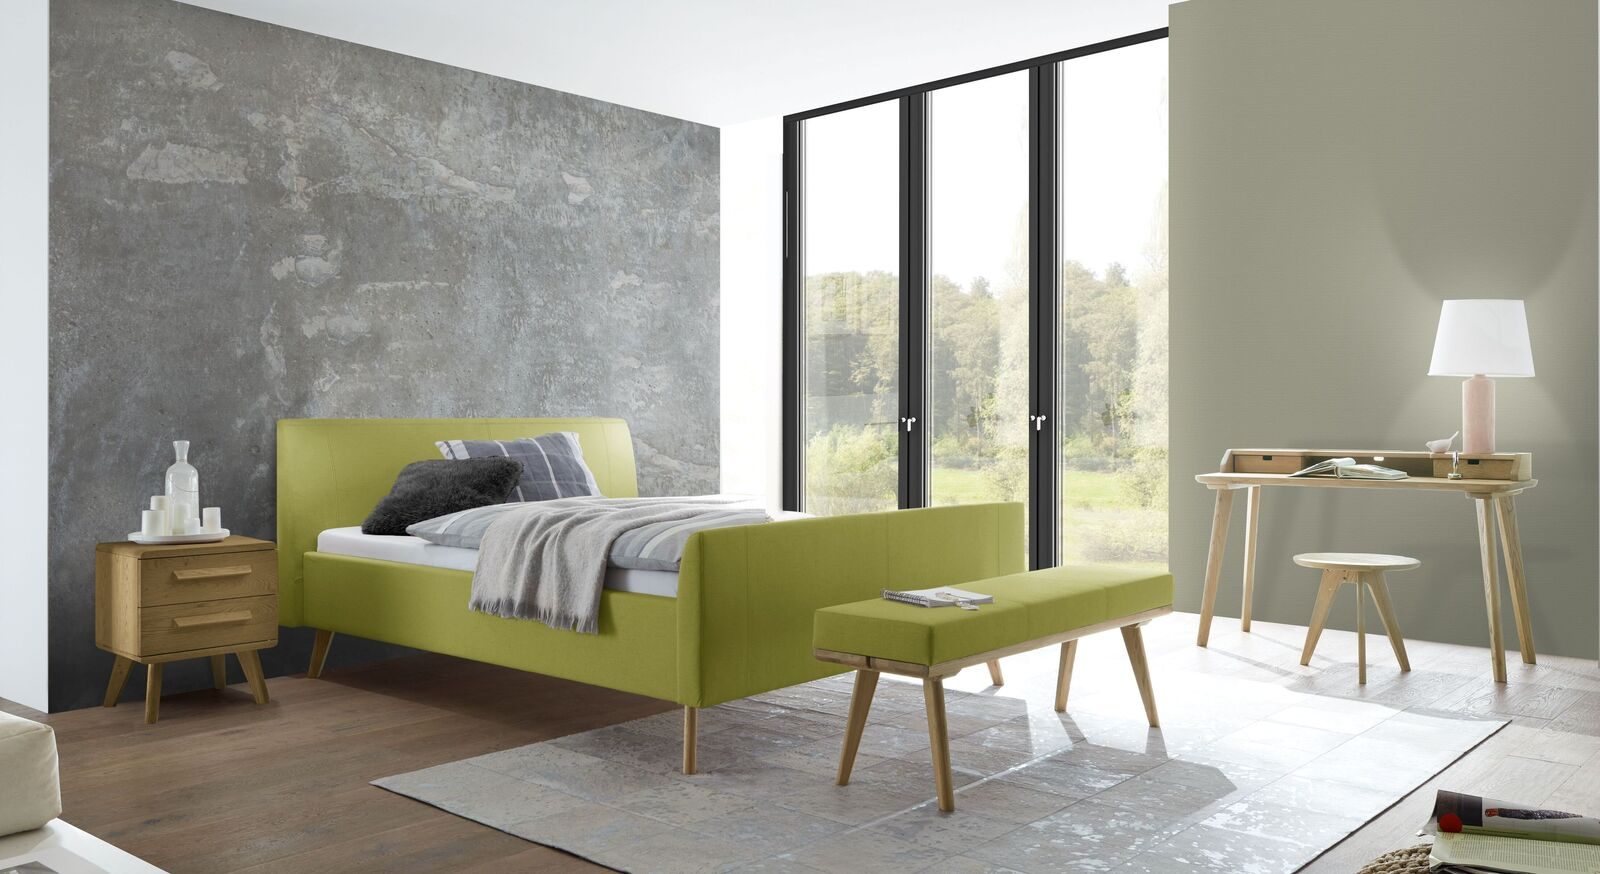 Bett Nelka mit passenden Schlafzimmermöbeln